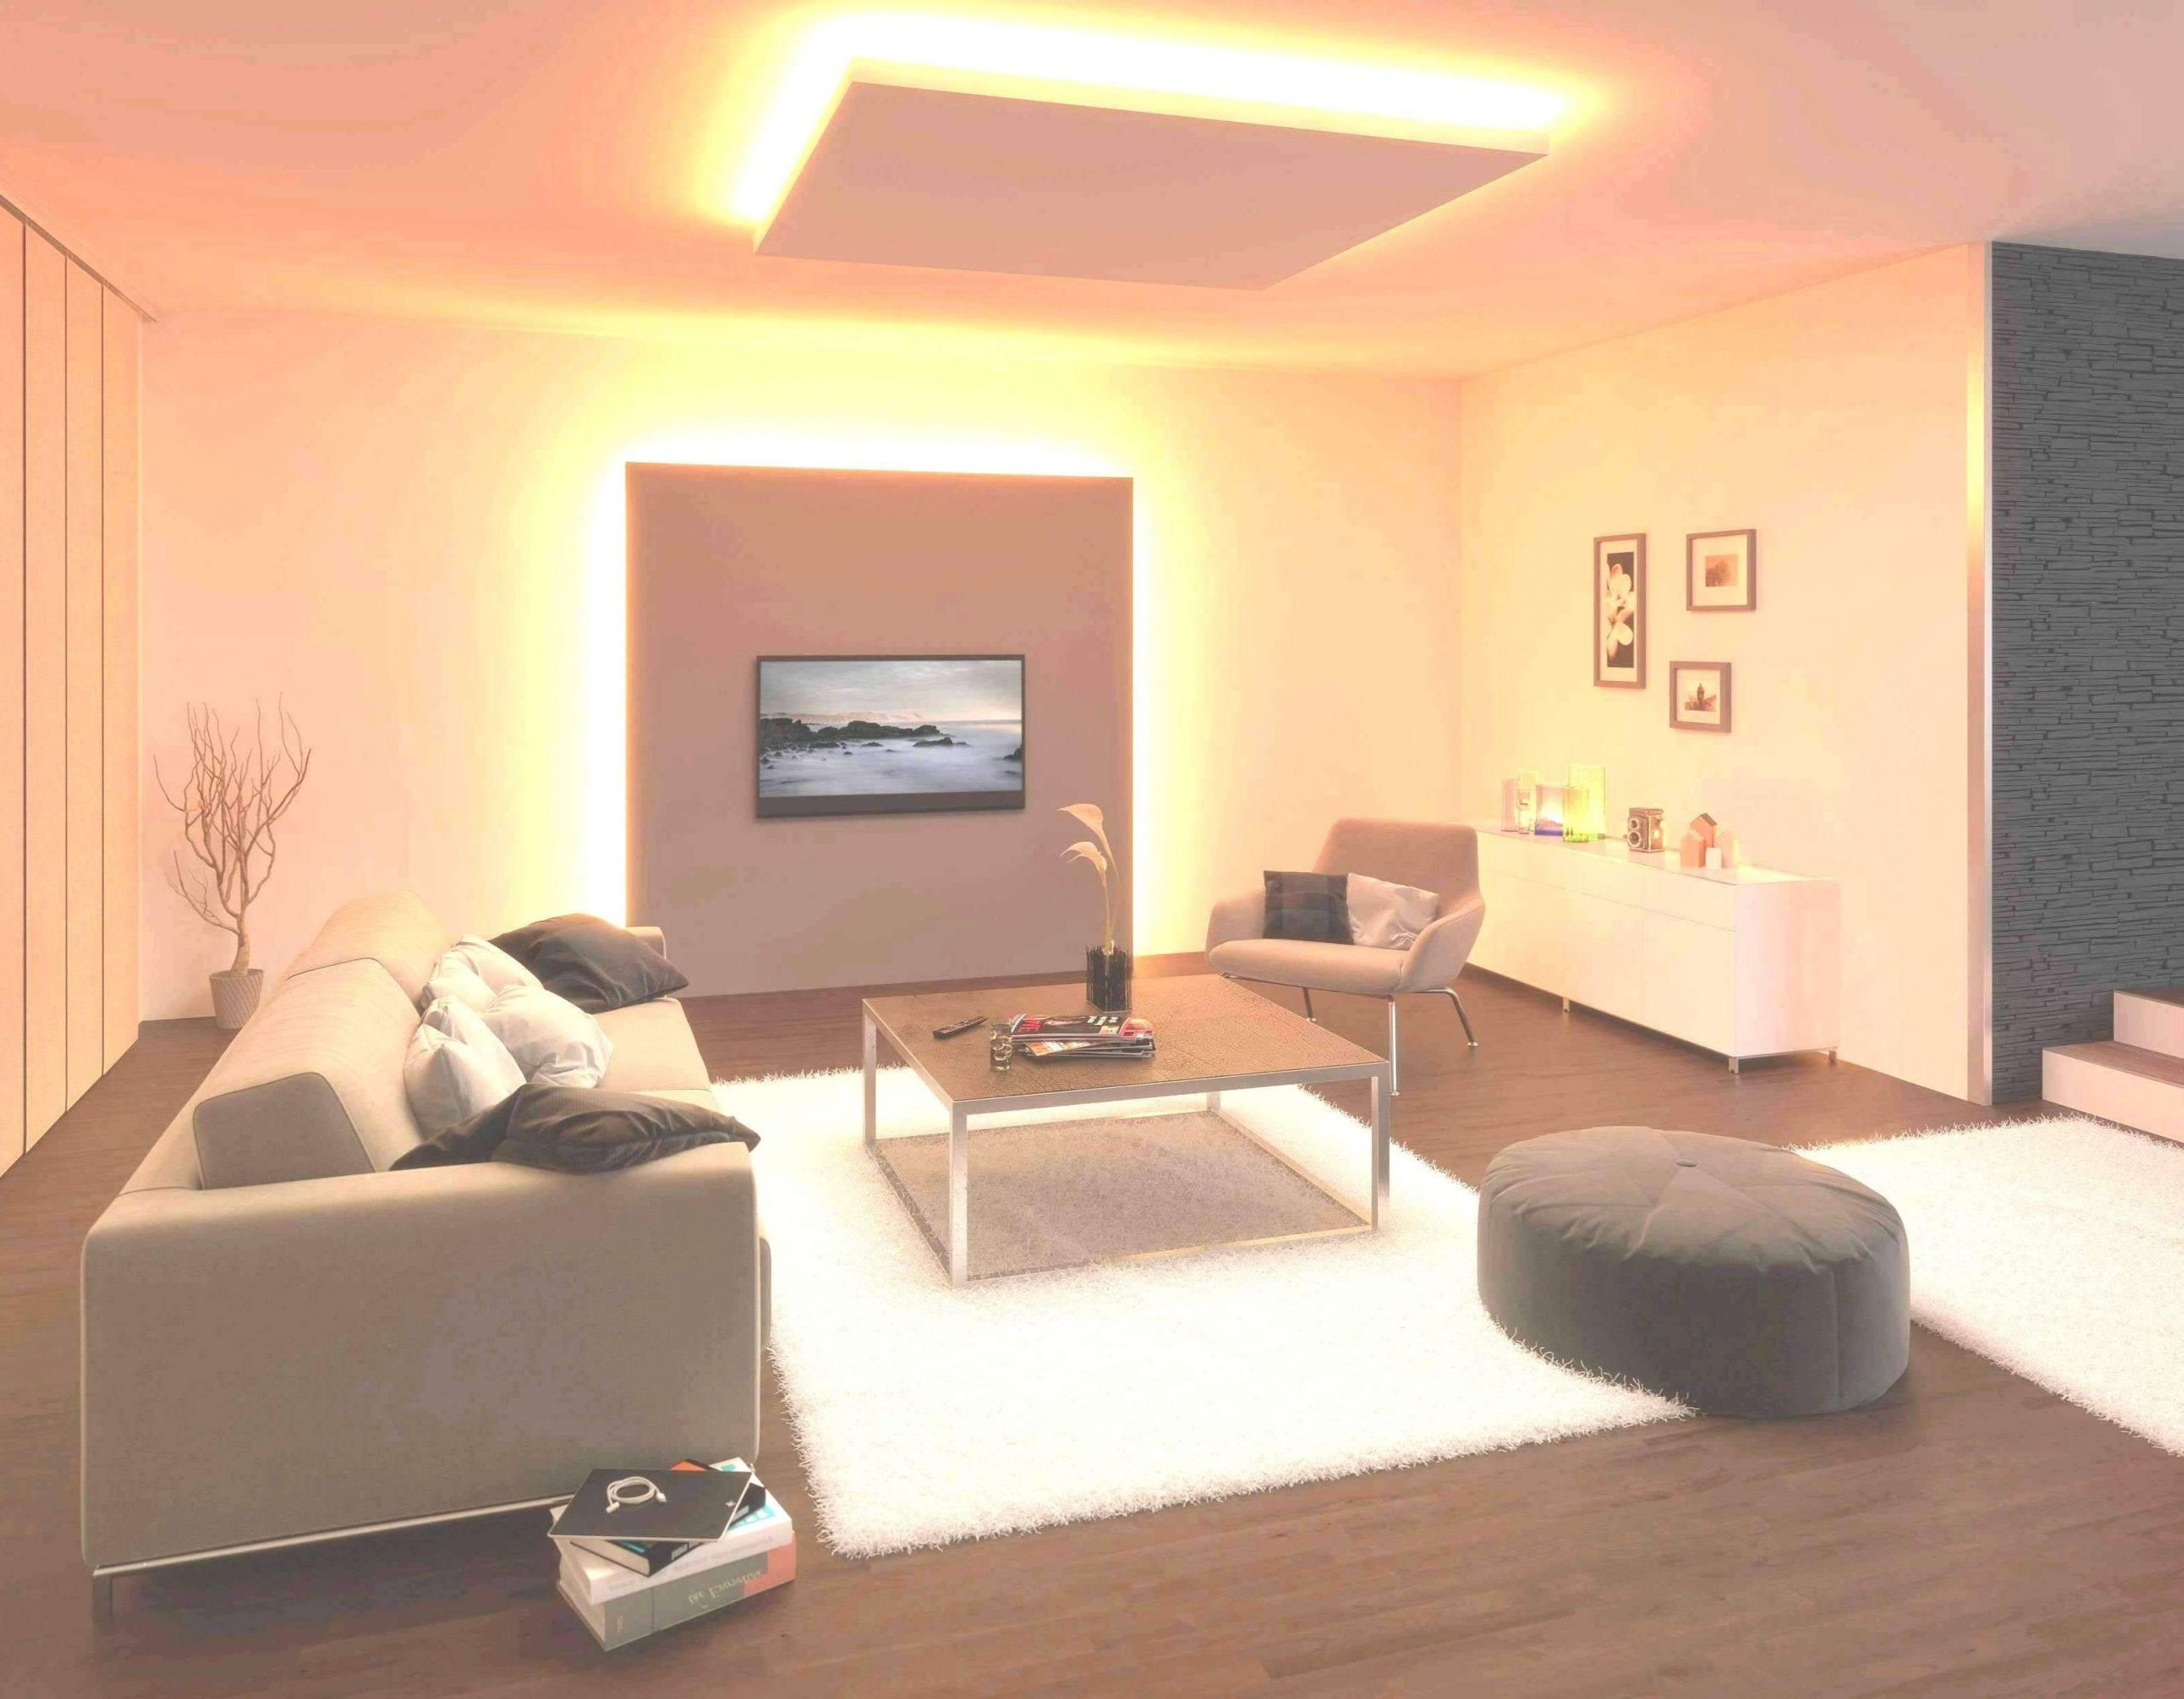 Full Size of Wohnzimmer Indirekte Beleuchtung Reizend 27 Einzigartig Licht Stehlampe Tisch Deckenlampen Modern Schrankwand Bilder Landhausstil Vorhänge Vorhang Sessel Wohnzimmer Wohnzimmer Indirekte Beleuchtung